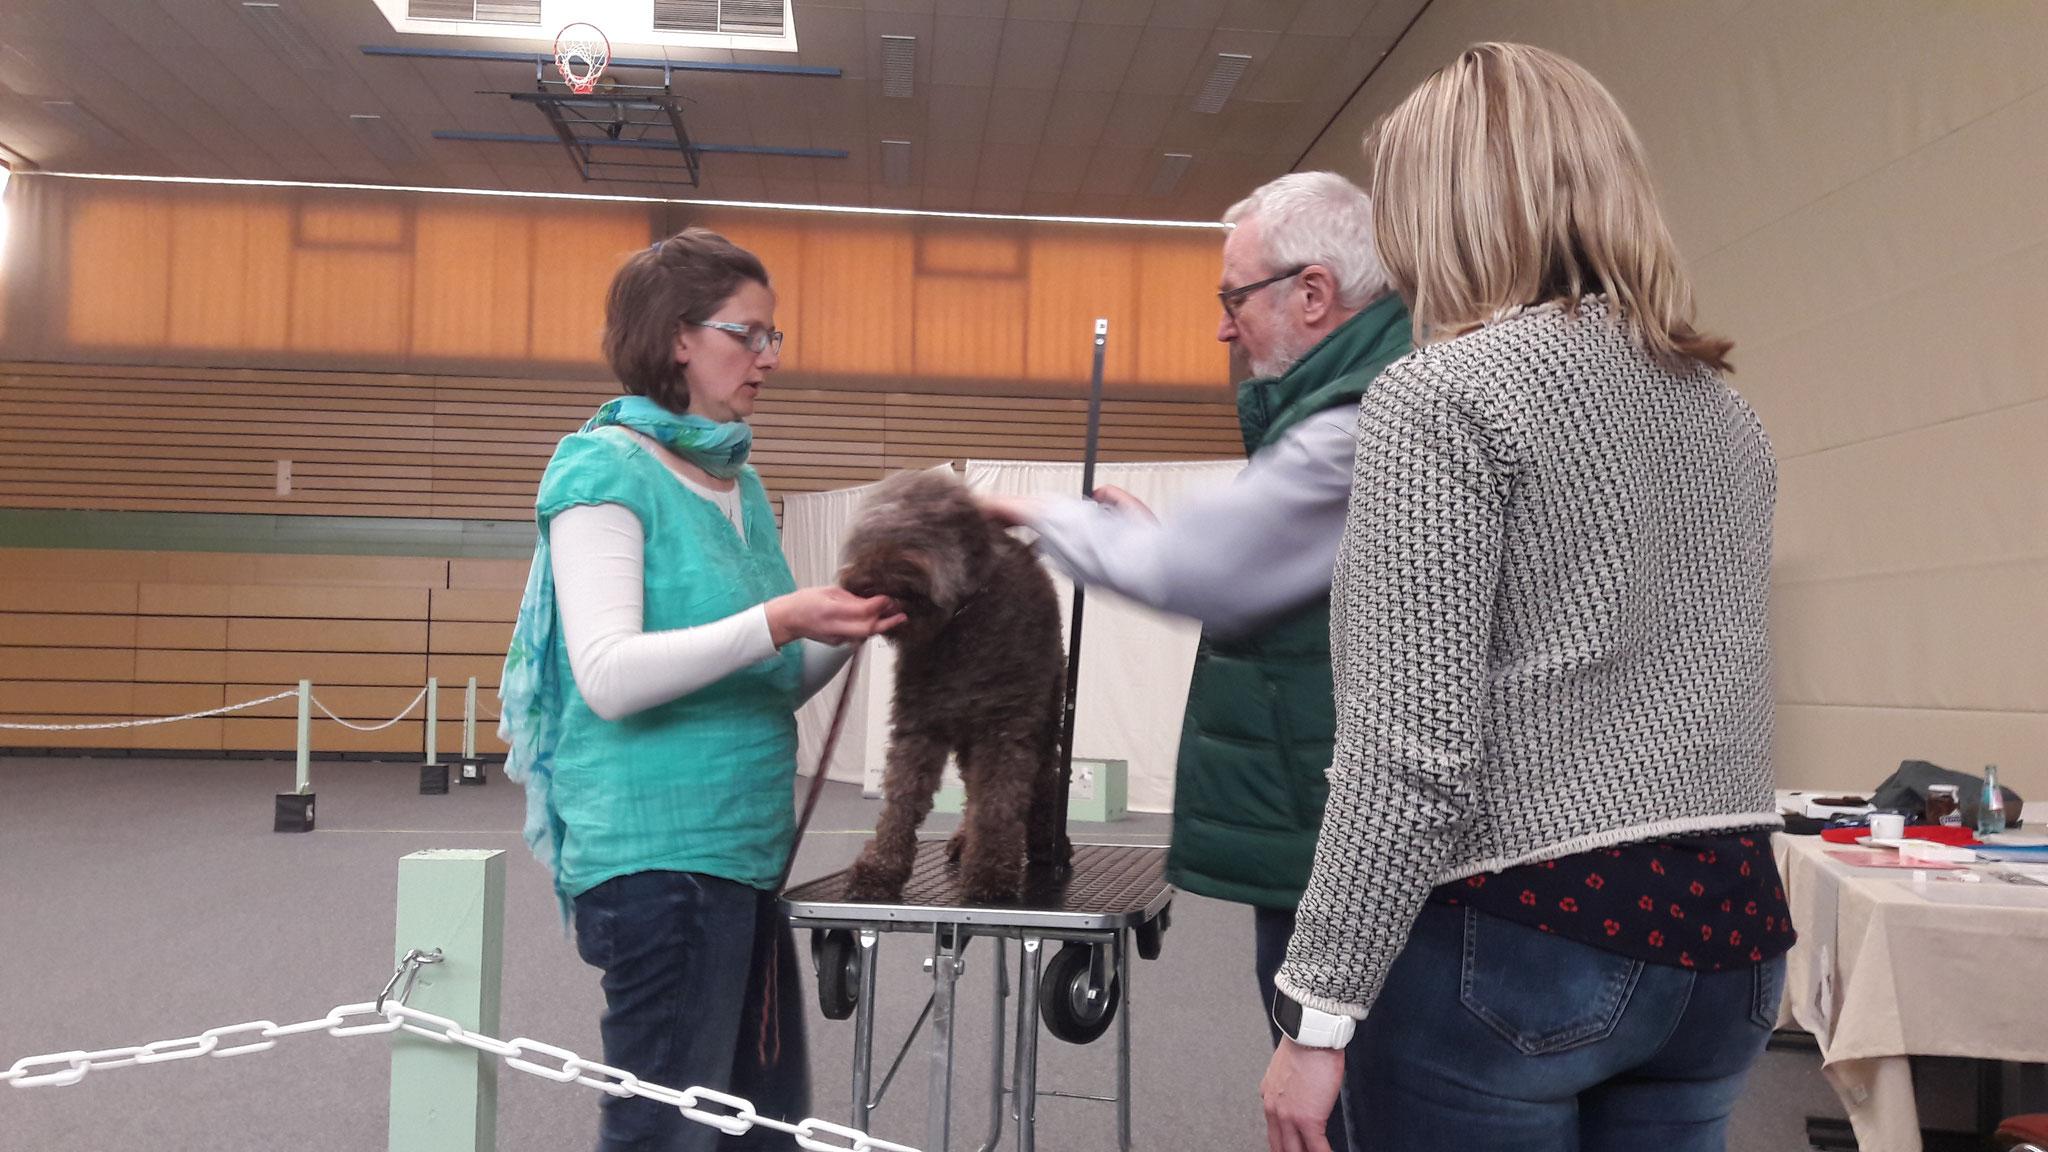 Zuchtzulassungsprüfung - vorgeführt von Tine, geprüft von Jochen Eberhardt und Katrien van Gemert